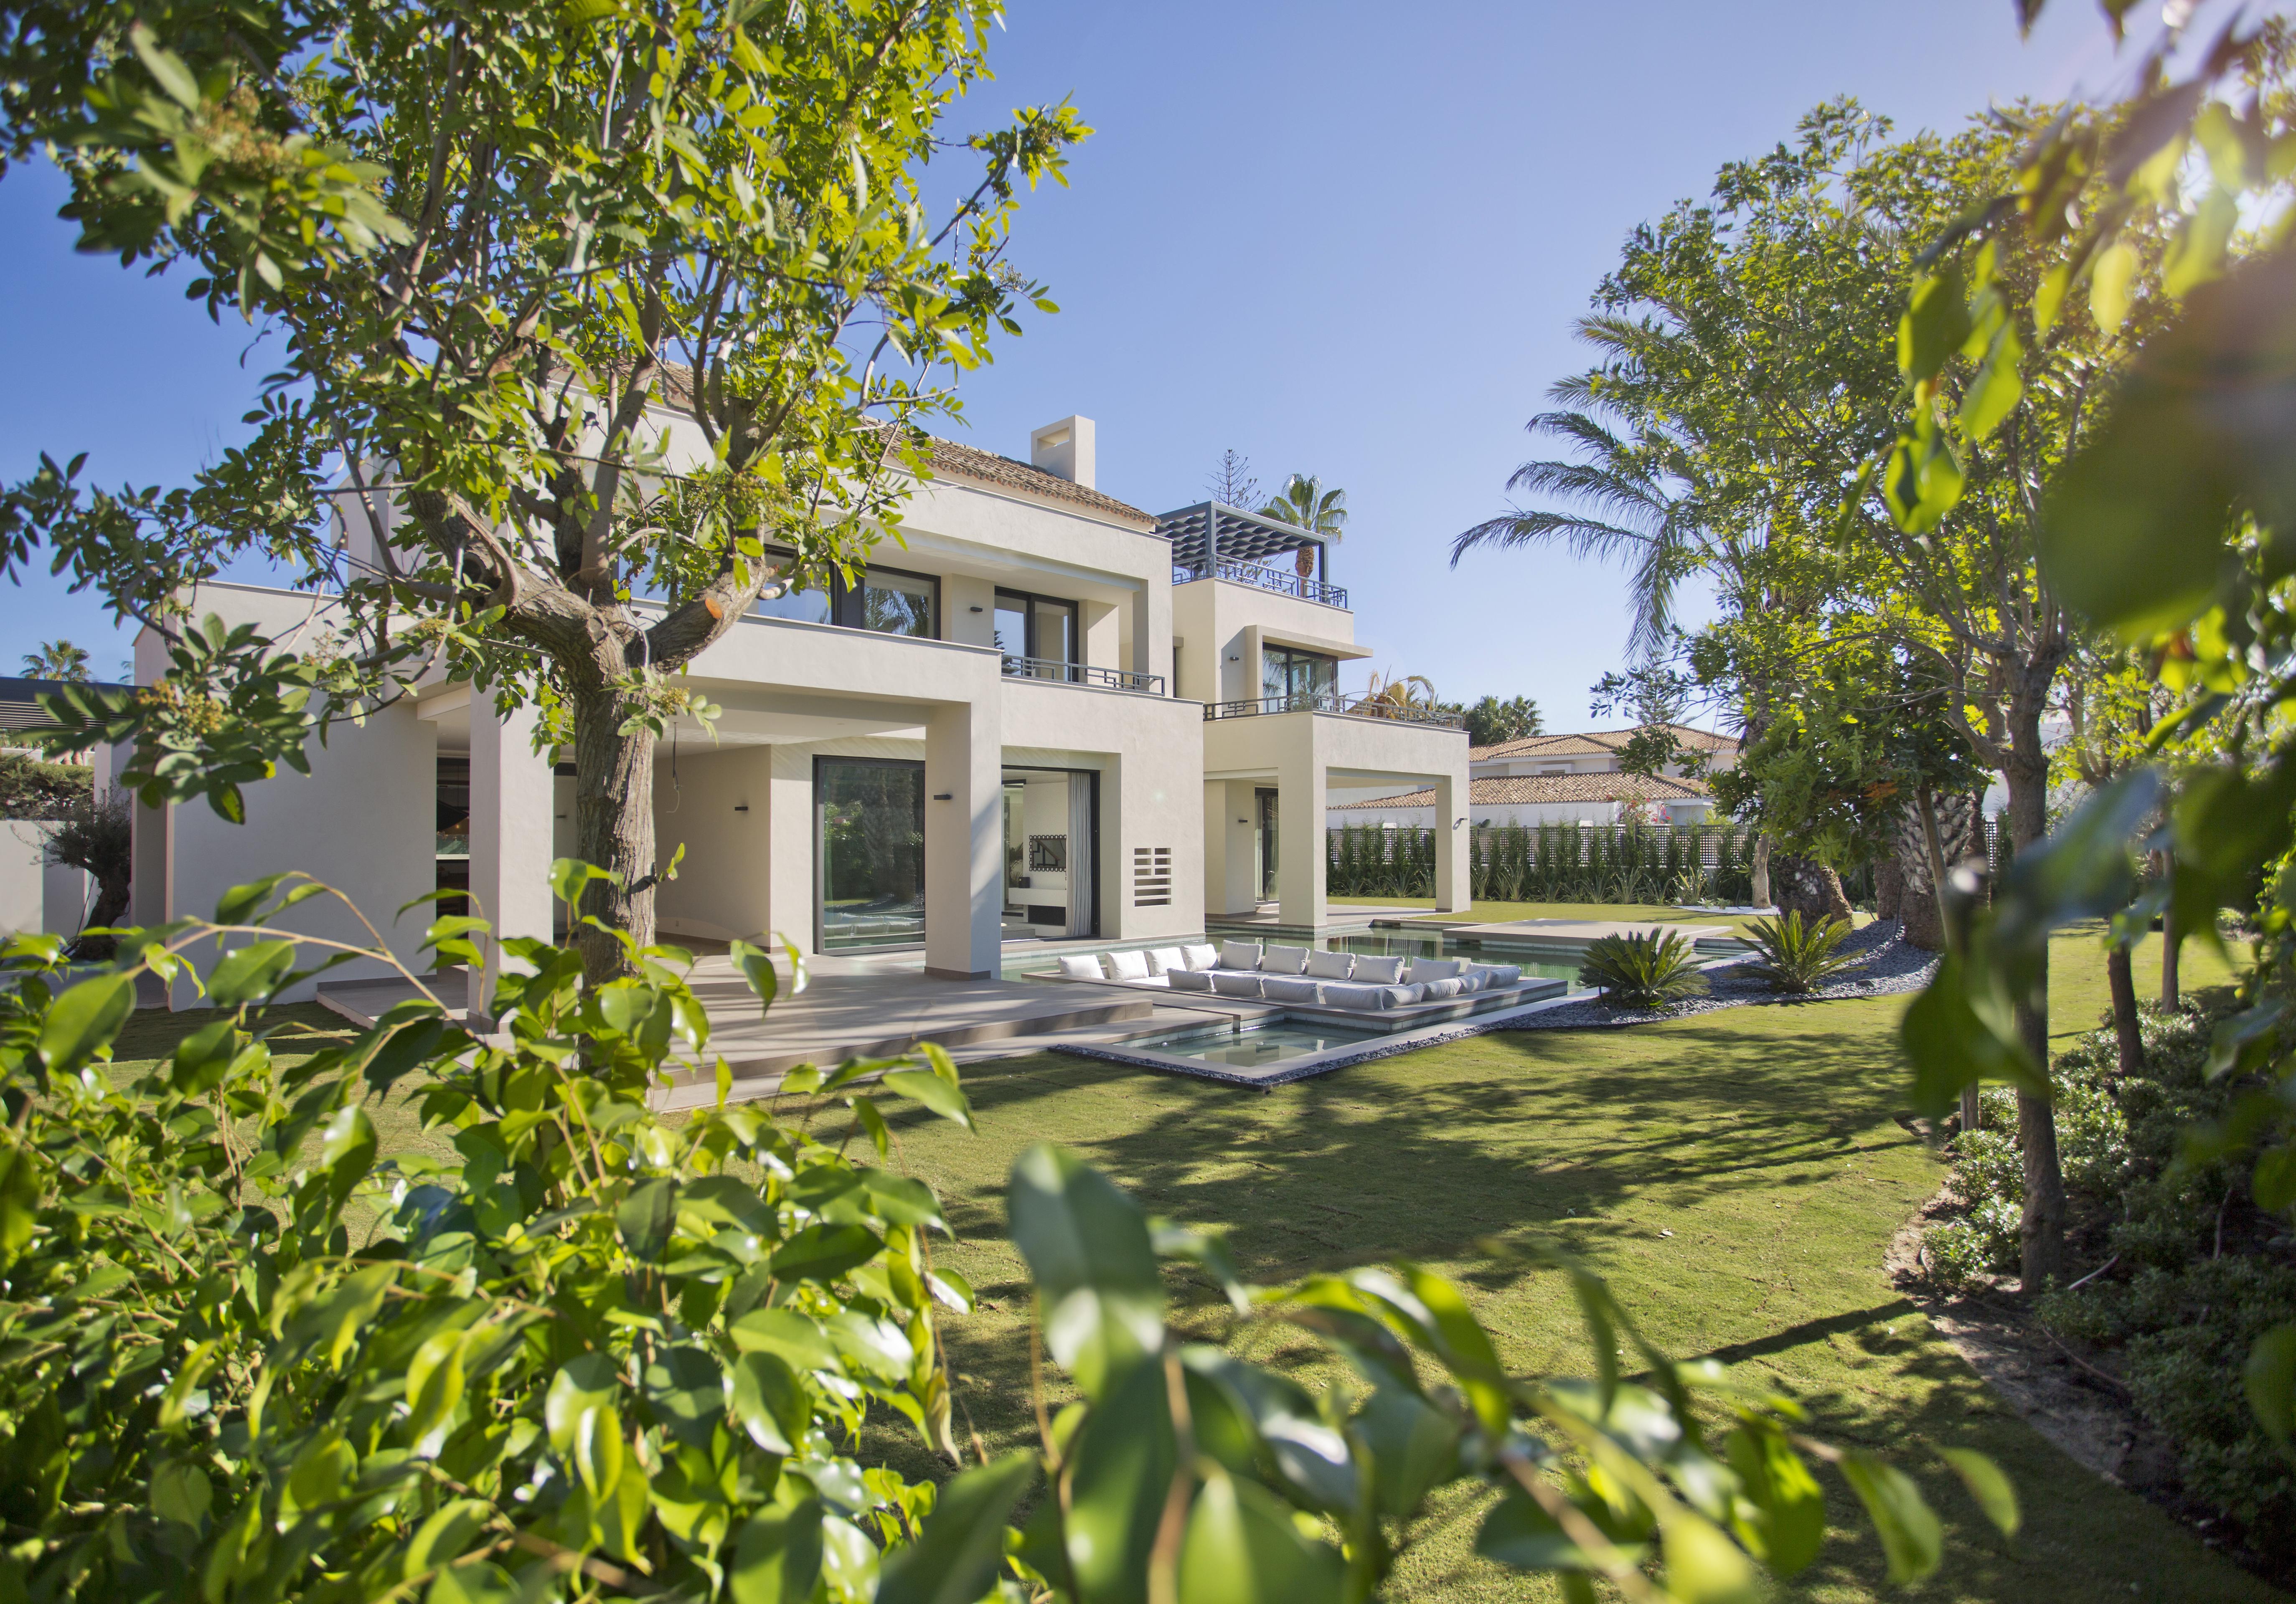 Ref:359-00179P Villa For Sale in Estepona